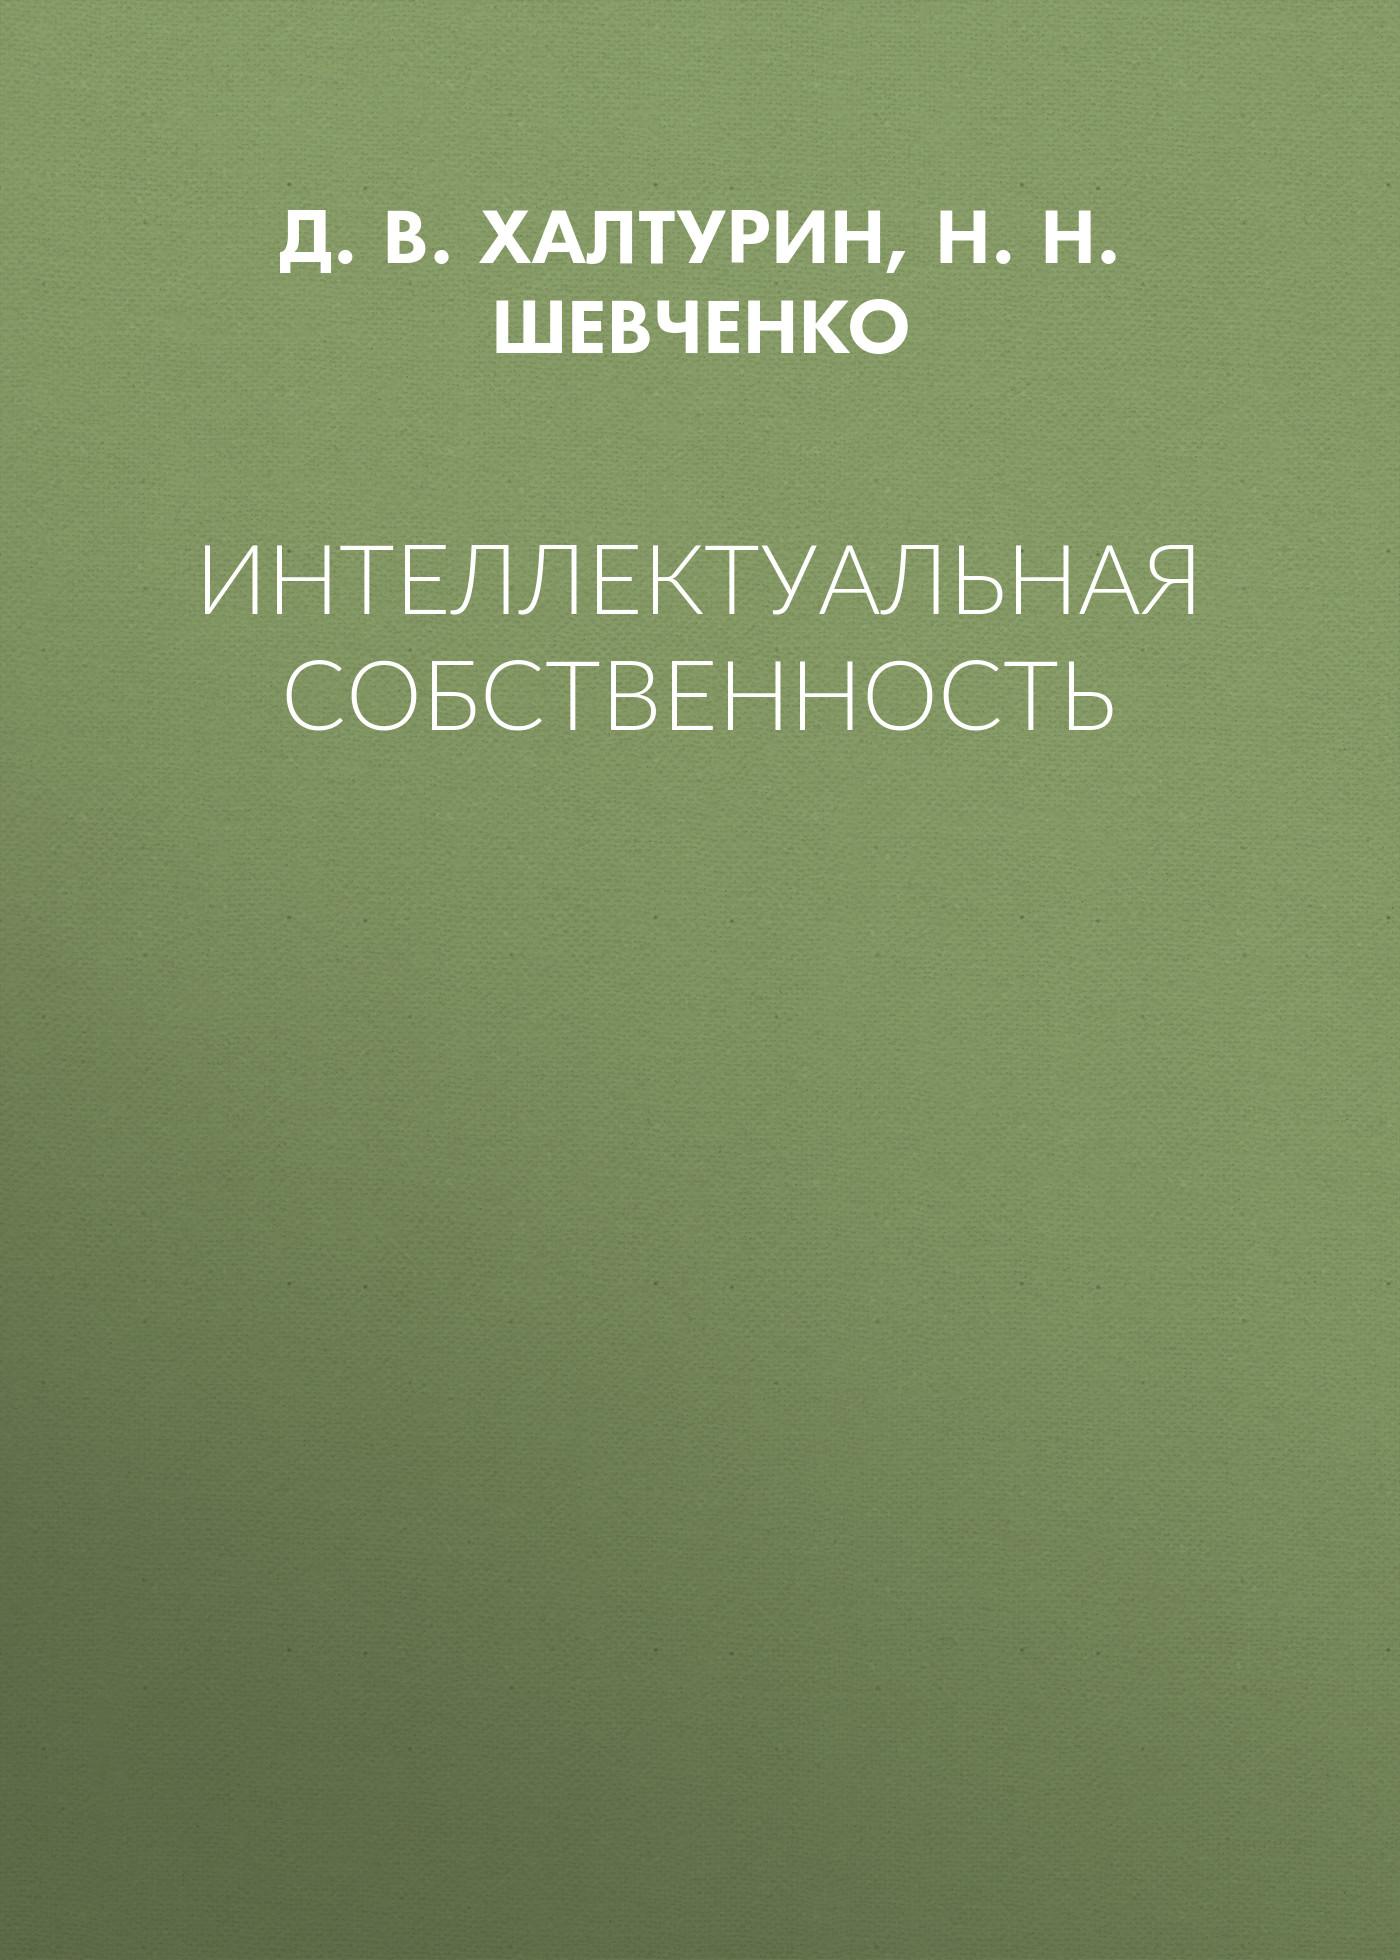 Н. Н. Шевченко Интеллектуальная собственность в м рогожкин эксплуатация машин в строительстве